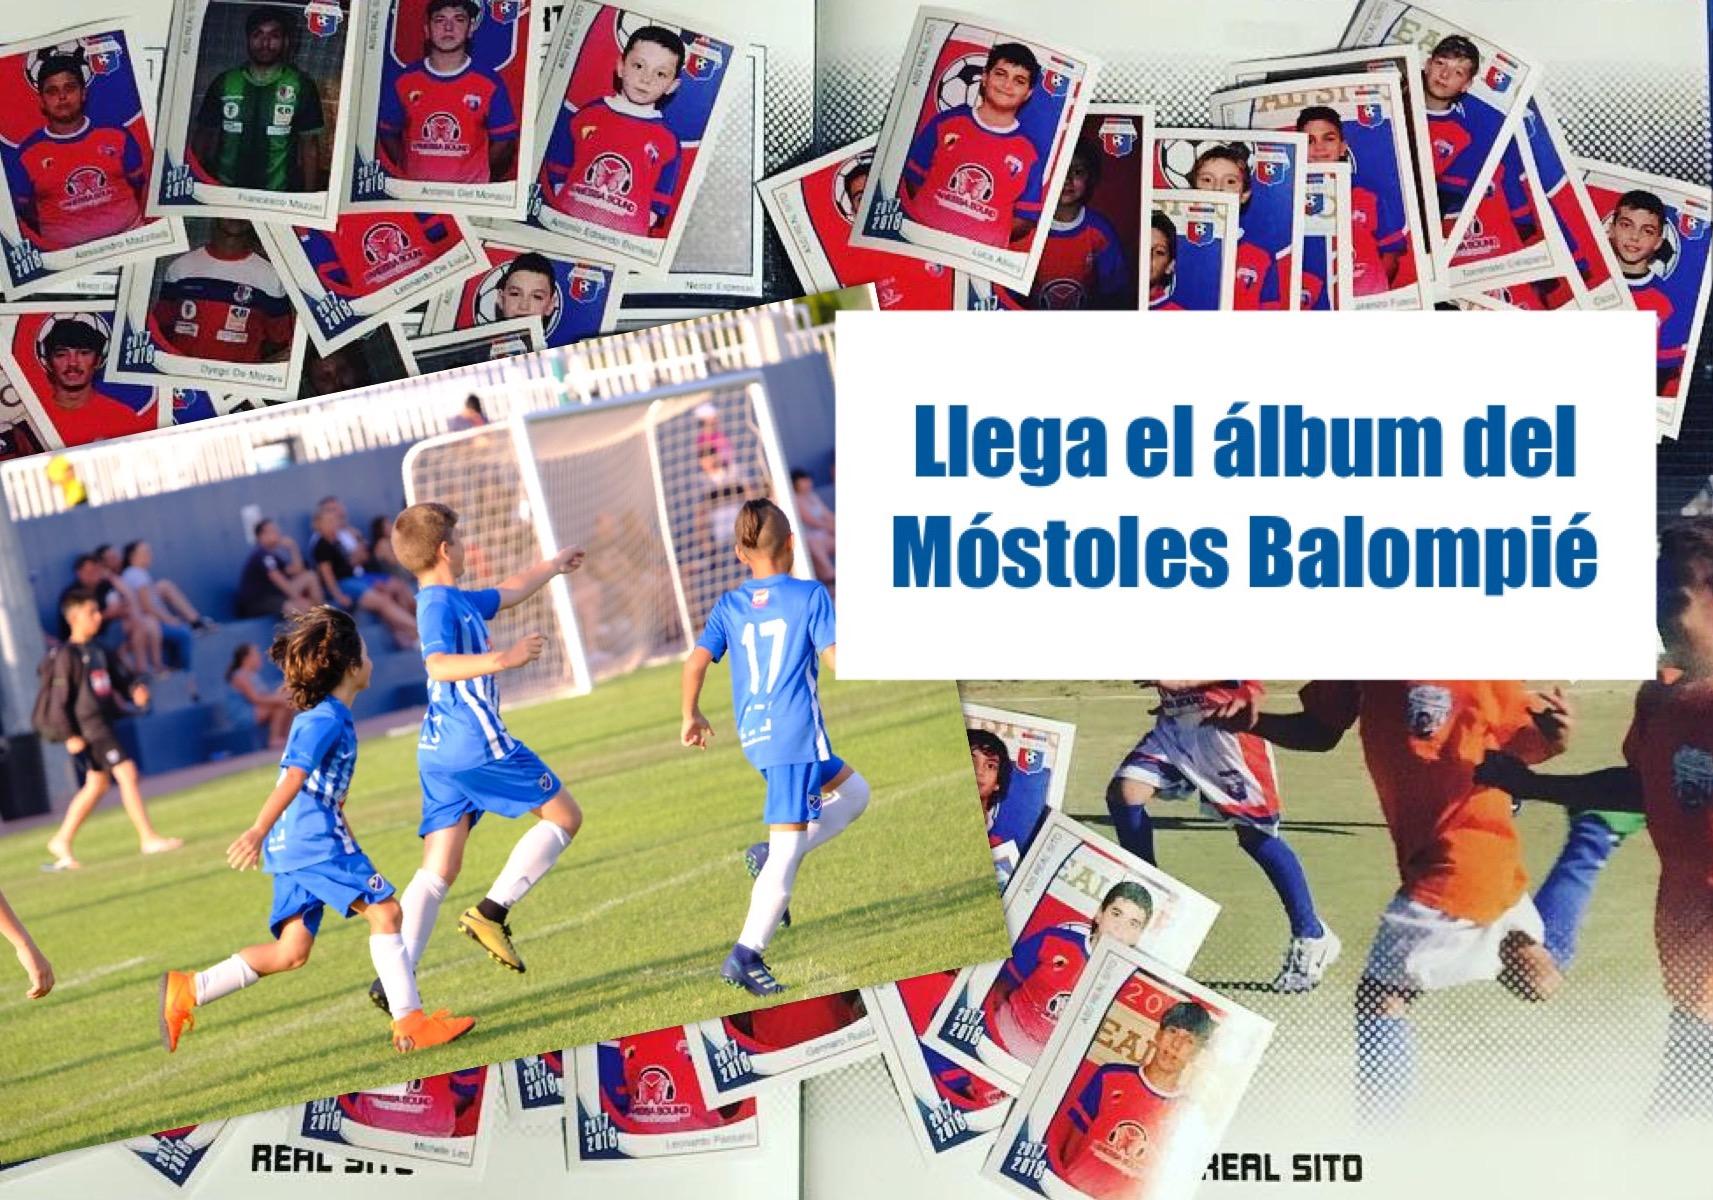 El Móstoles Balompié tendrá su propio álbum de cromos